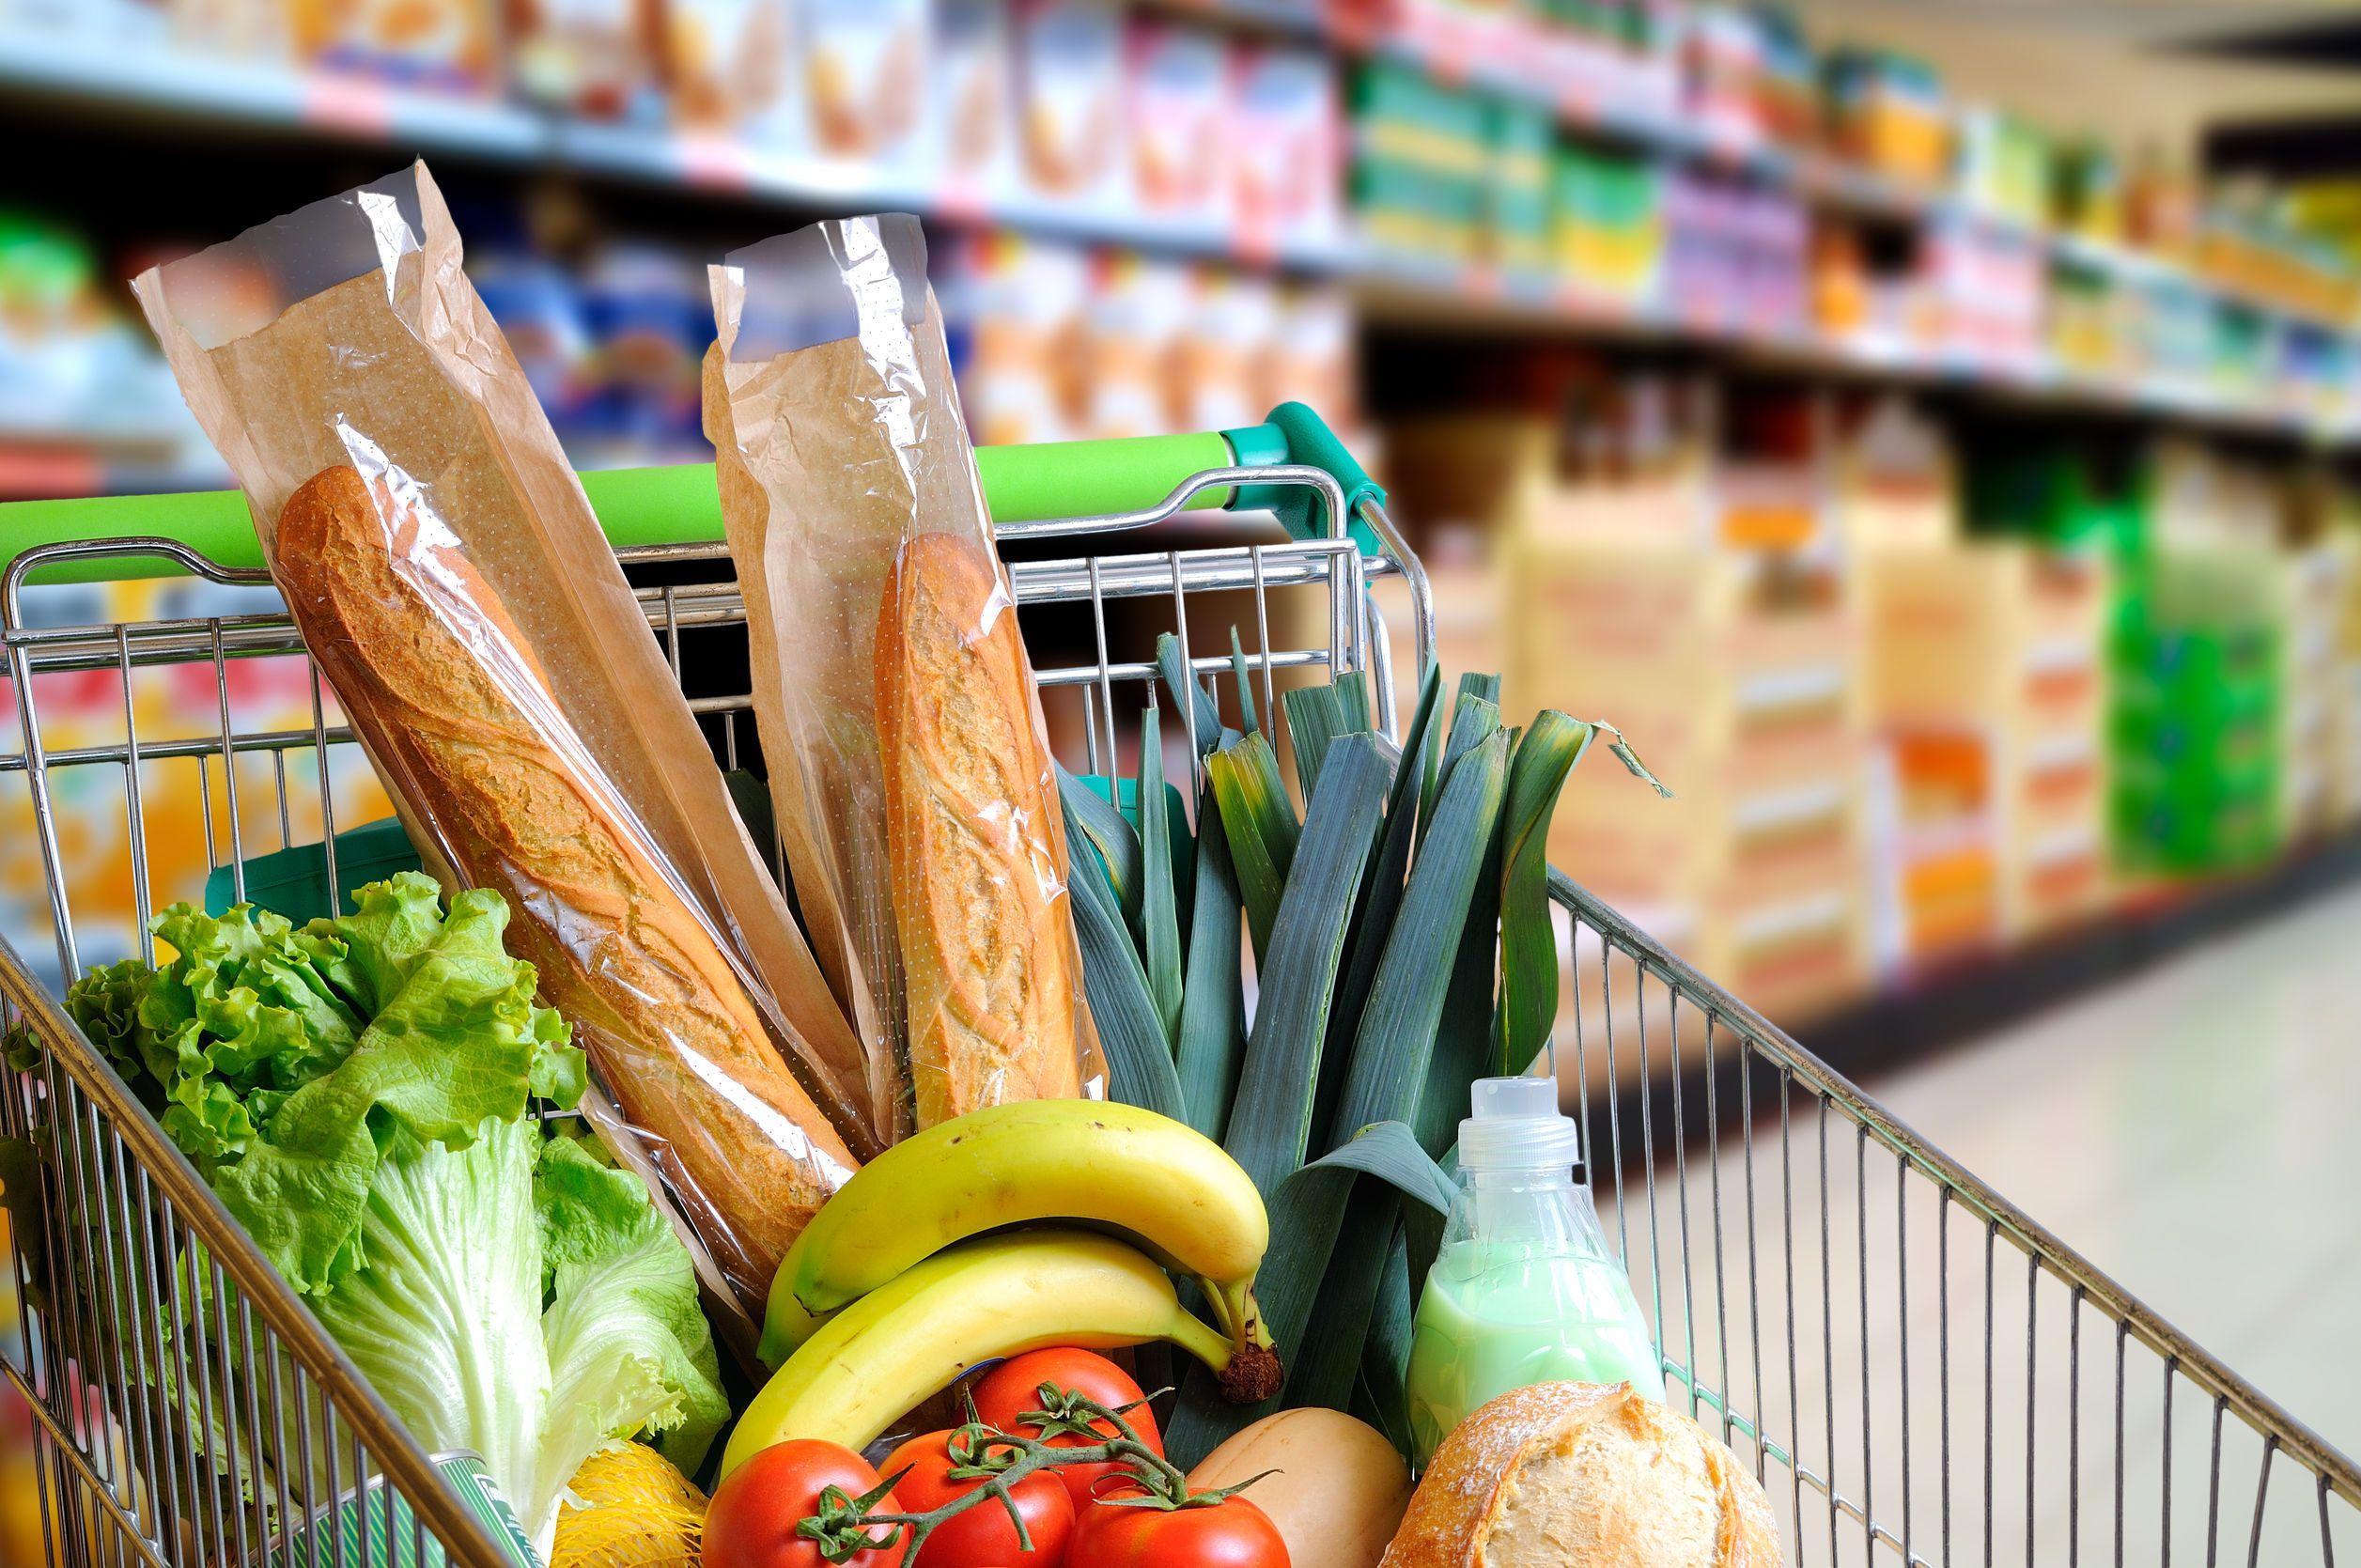 En tres años, los productos de la canasta básica subieron el doble que los salarios